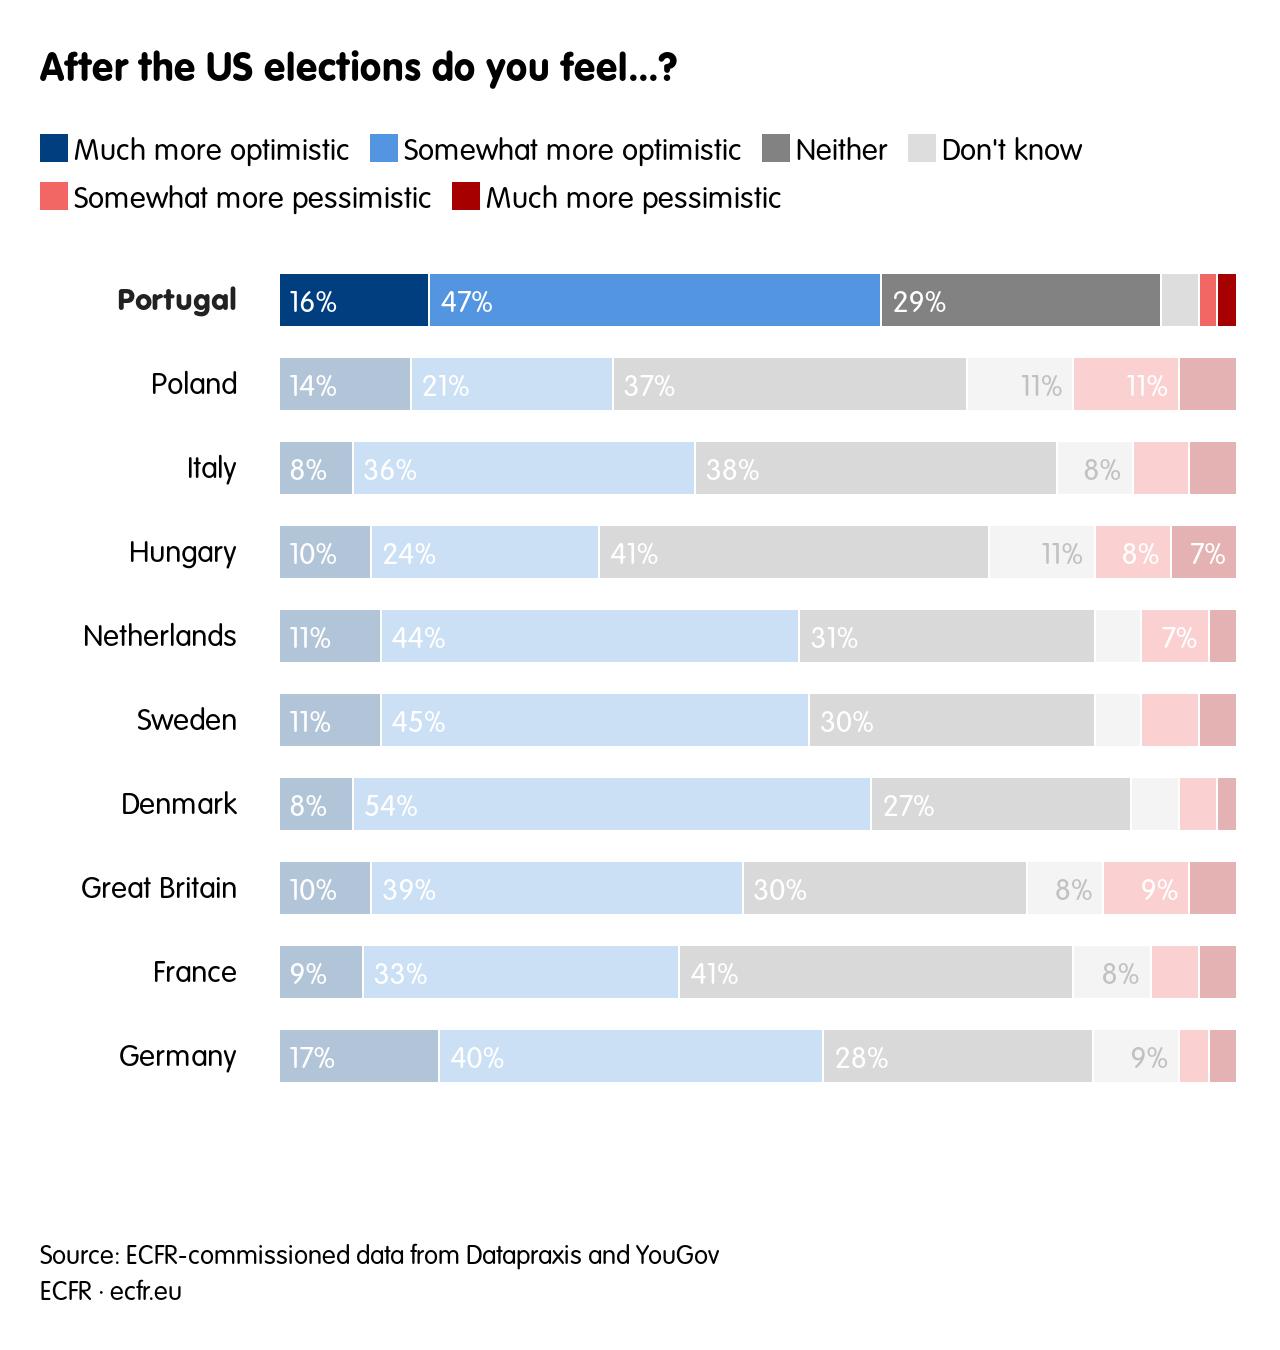 O que você acha depois das eleições nos EUA ...?